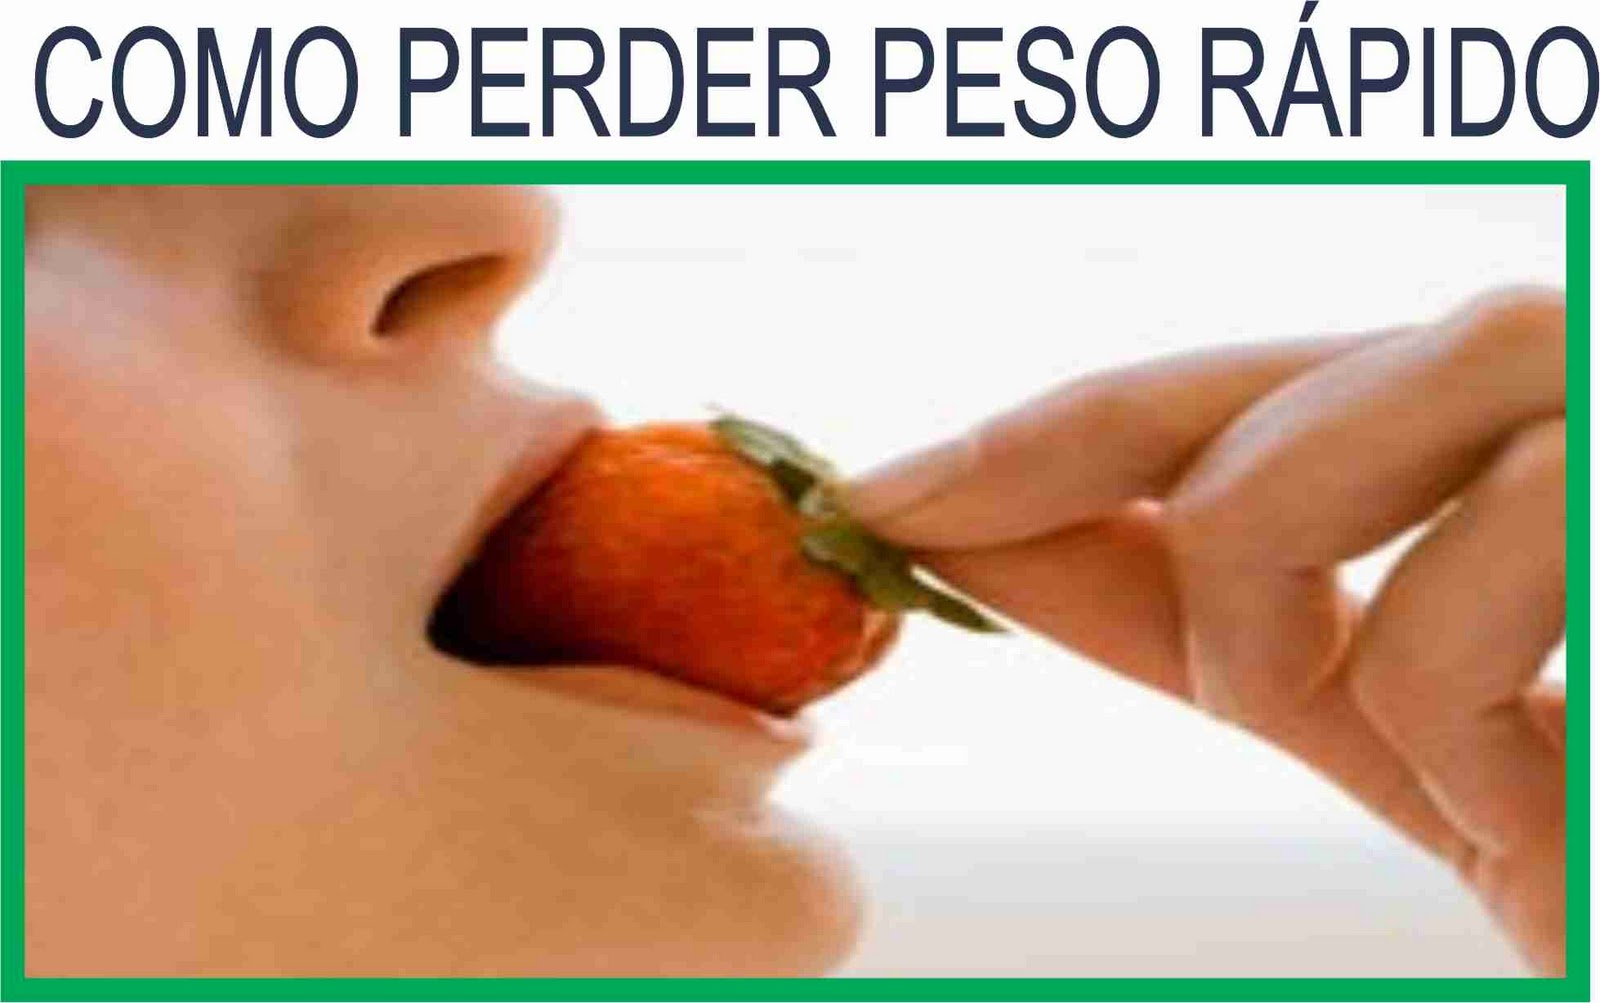 COMO+PERDER+PESO+R%C3%81PIDO.jpg